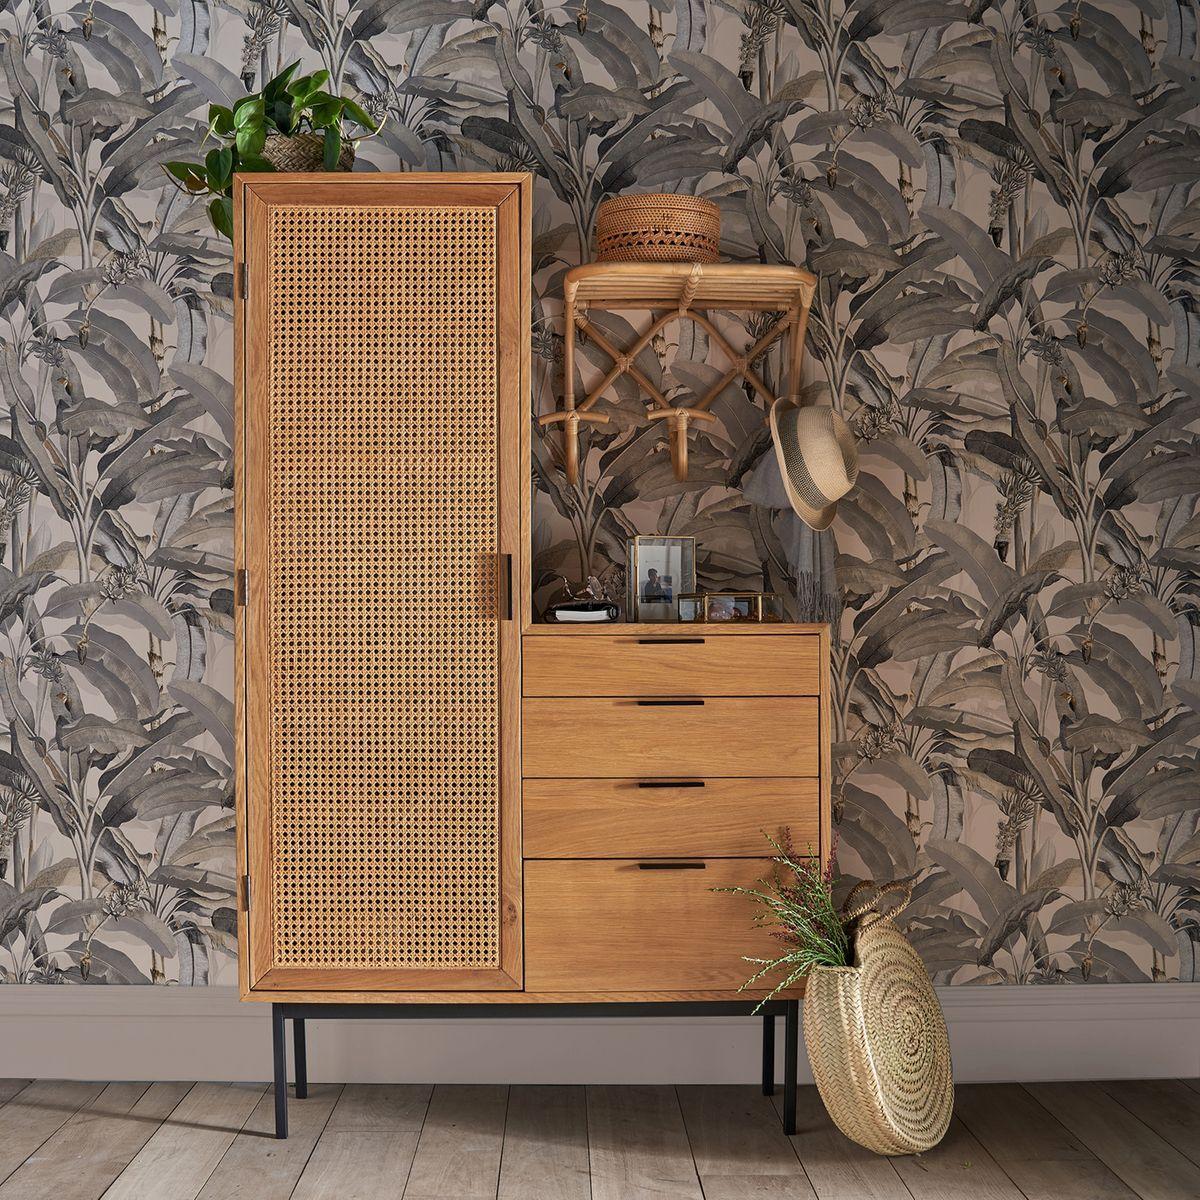 Armoire Dressing Waska Naturel Armoire La Redoute Interieurs Iziva Com Mobilier De Salon Decoration Meuble Idees De Decor